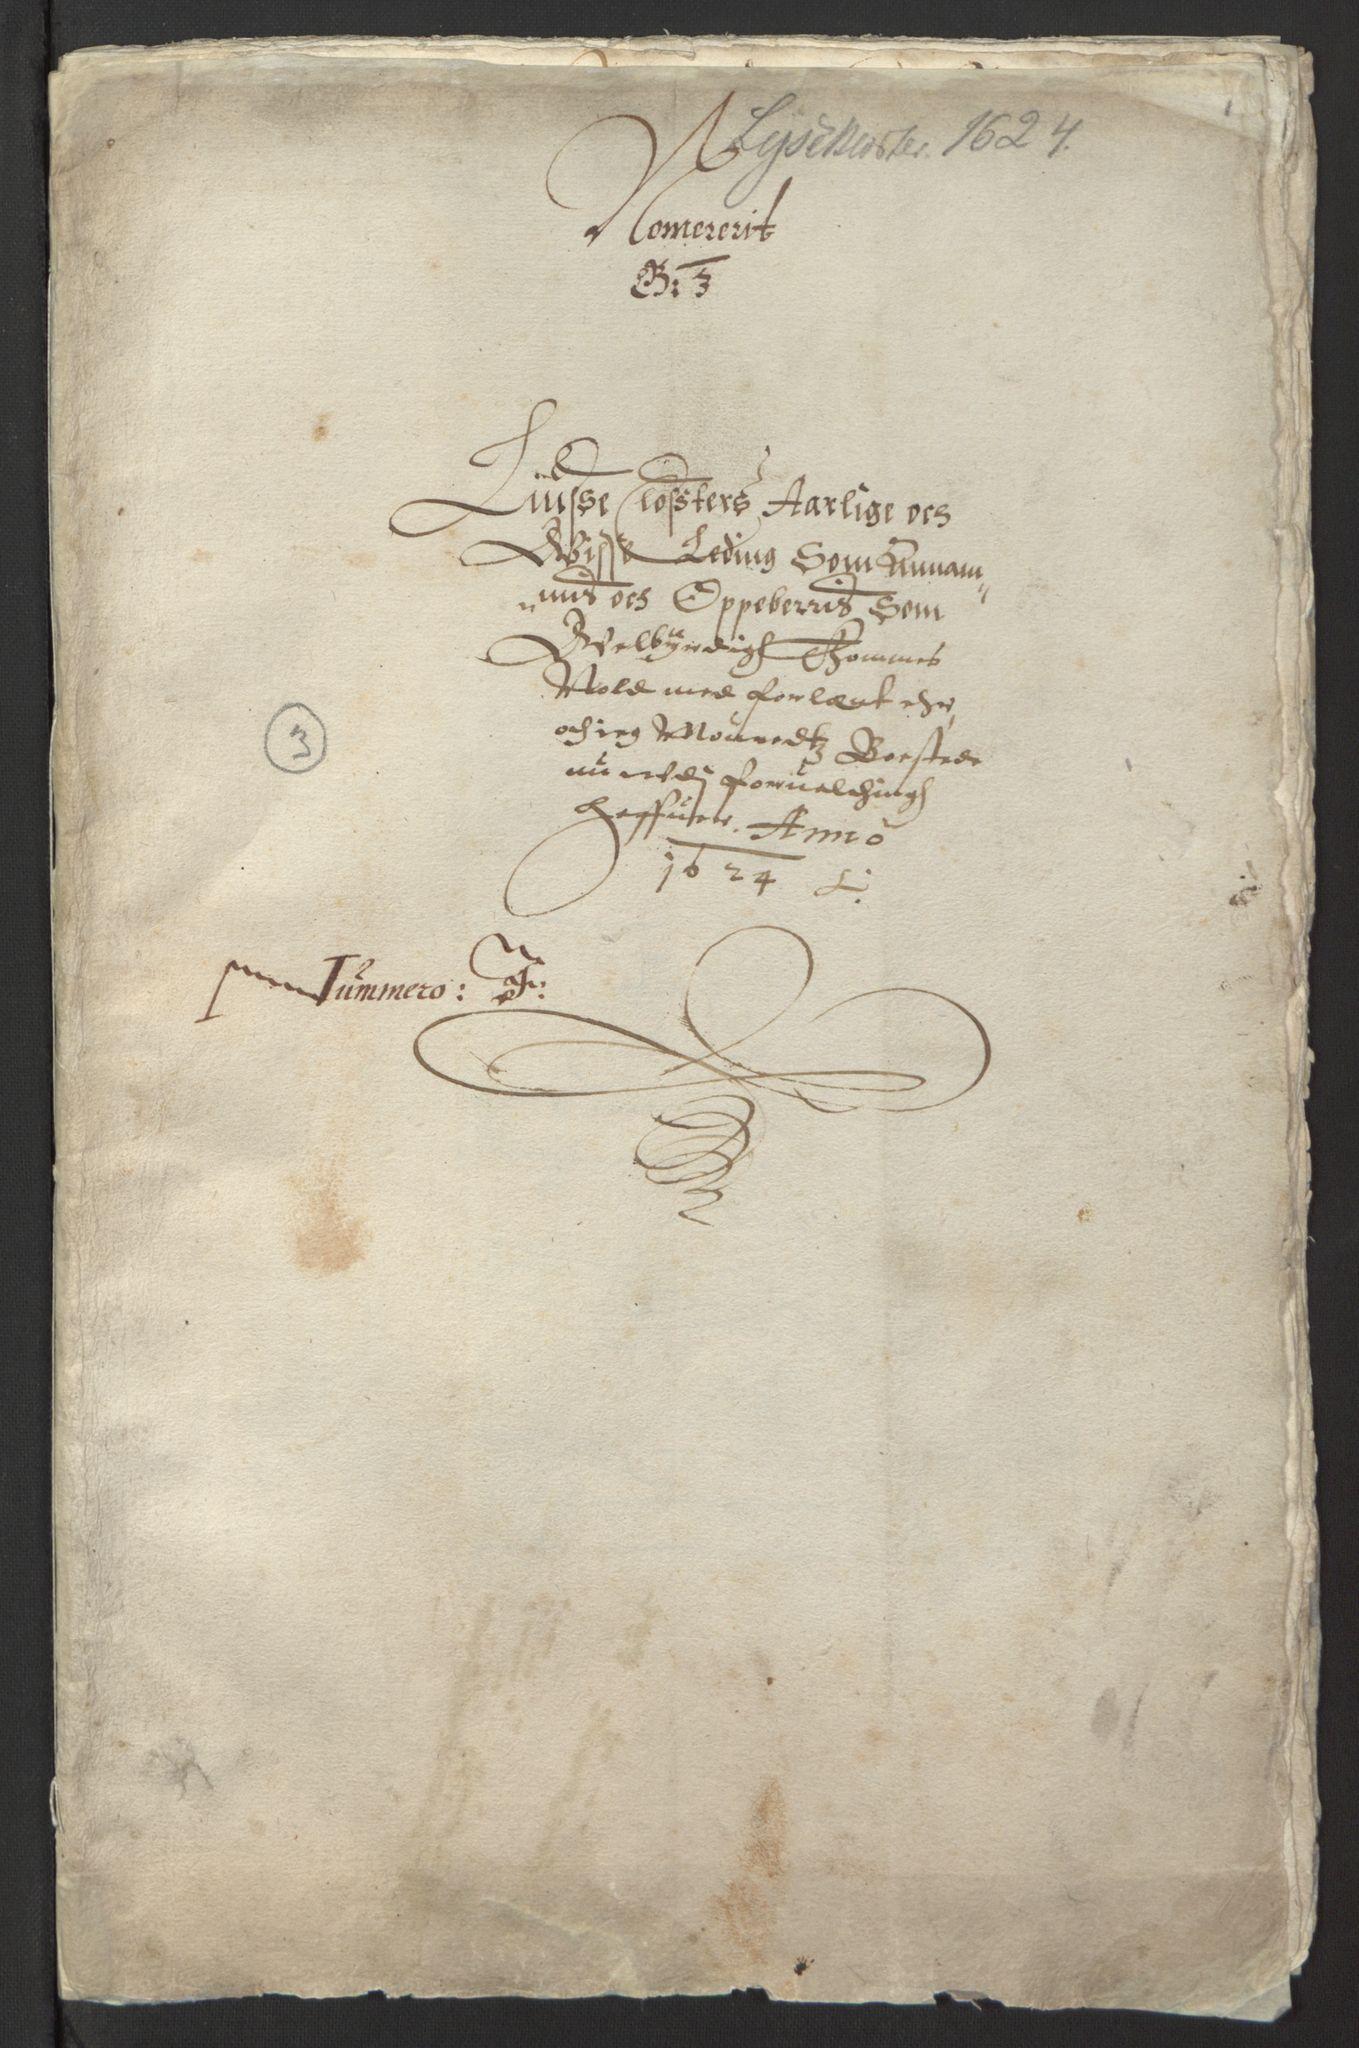 RA, Stattholderembetet 1572-1771, Ek/L0003: Jordebøker til utlikning av garnisonsskatt 1624-1626:, 1624-1625, s. 57